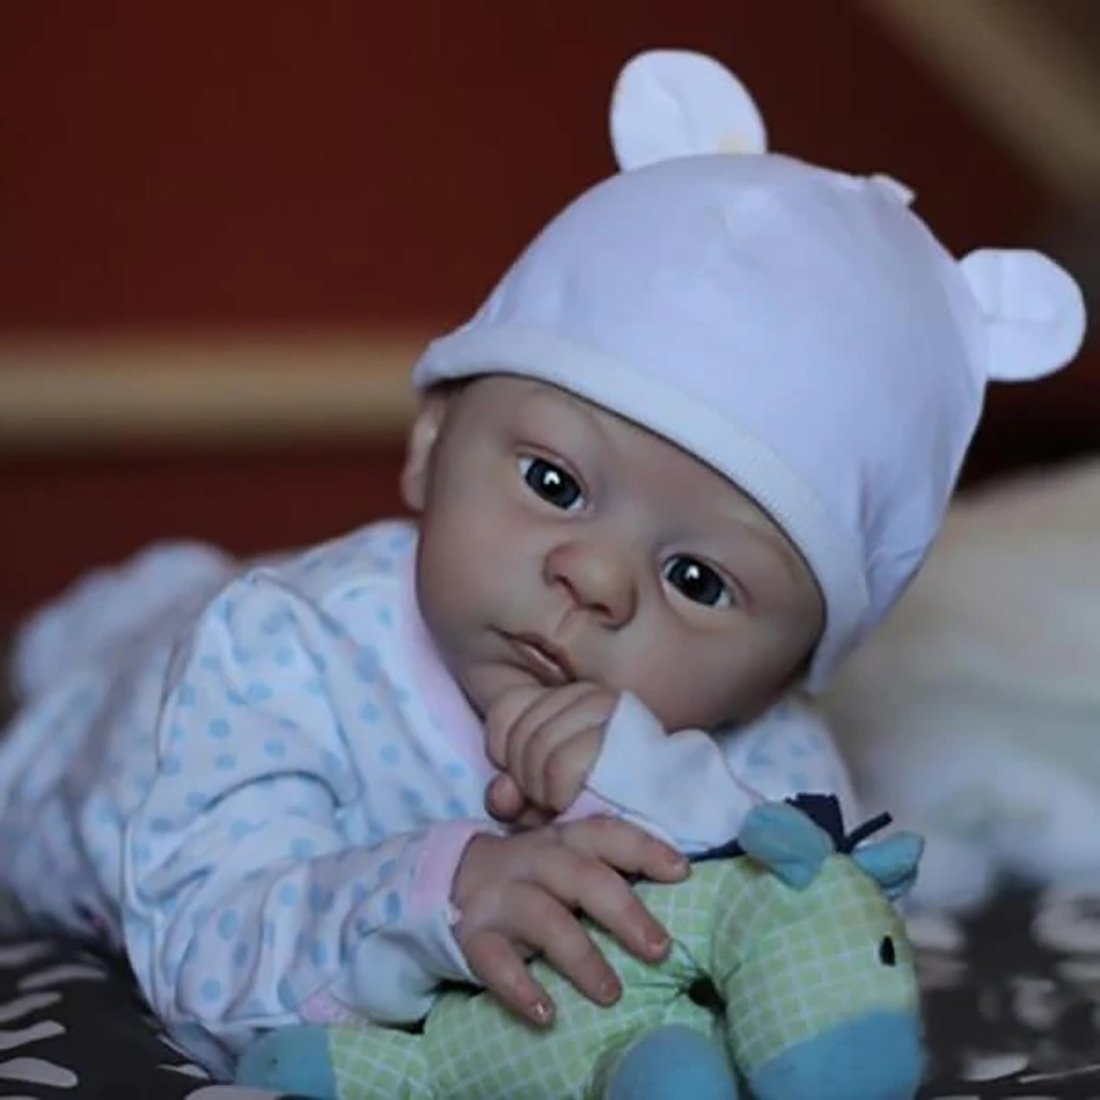 Réaliste Bebe Reborn Fille Reborn poupée bébé Souple 21 Pouces Simulation Nouveau-né Jouet Réalité Fille Cadeau de noël